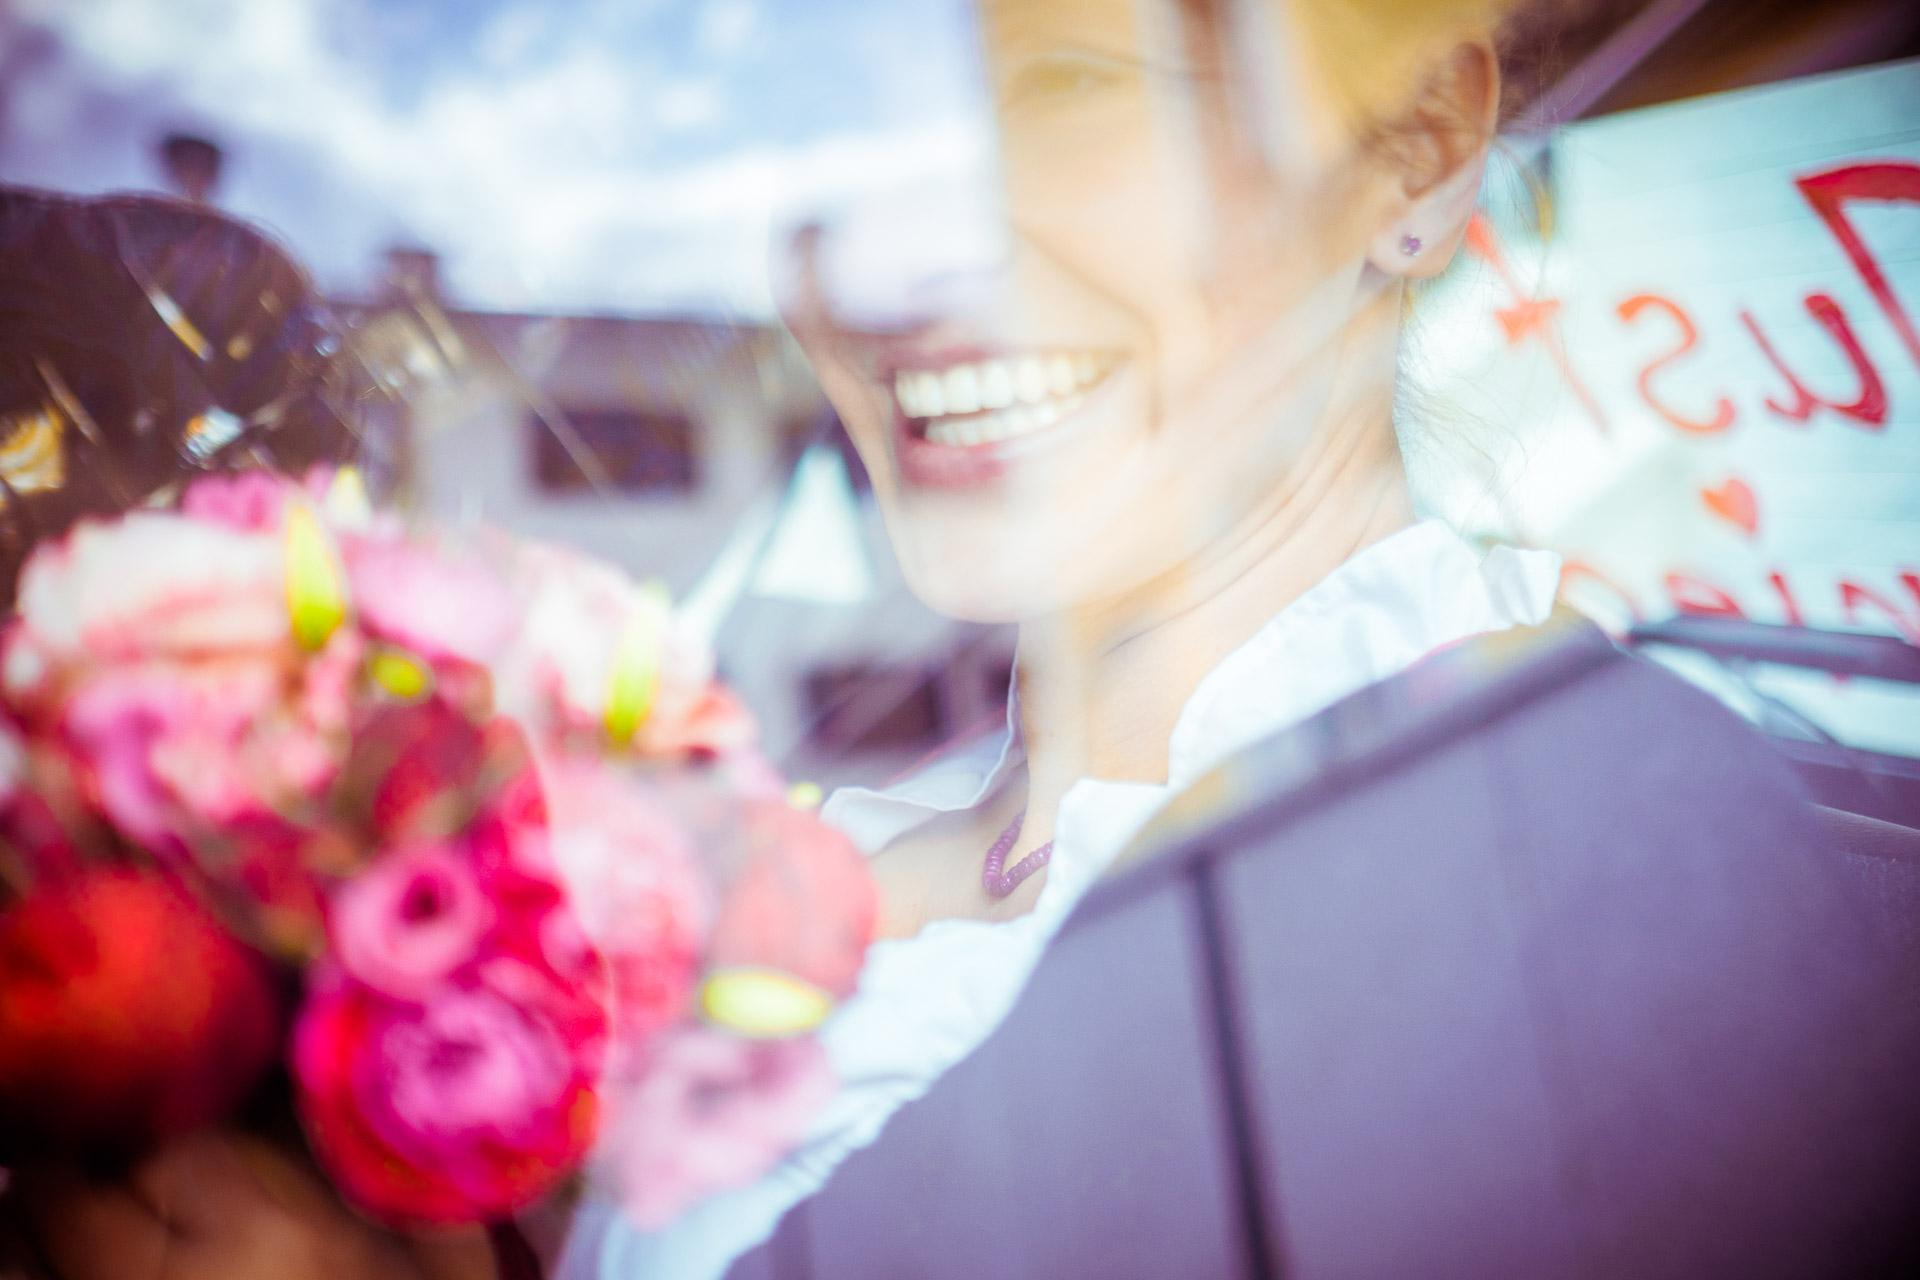 Trauung Glück Freude Blumenstrauß Hochzeit Braut Auto Hochzeitsfotografie